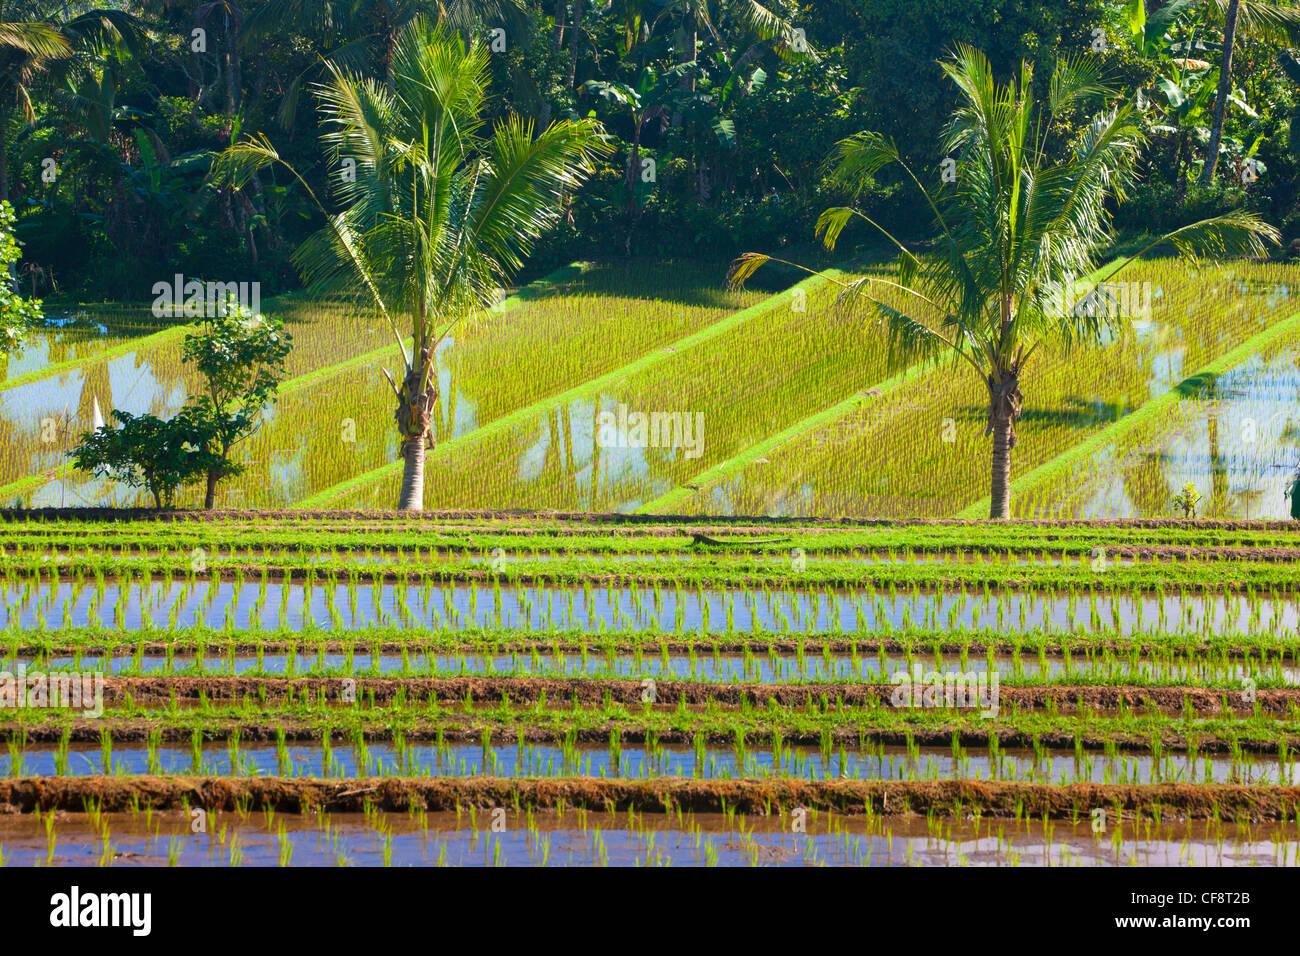 Belimbing, Indonesia, Asia, Bali, agricoltura, campi, campi di riso ...